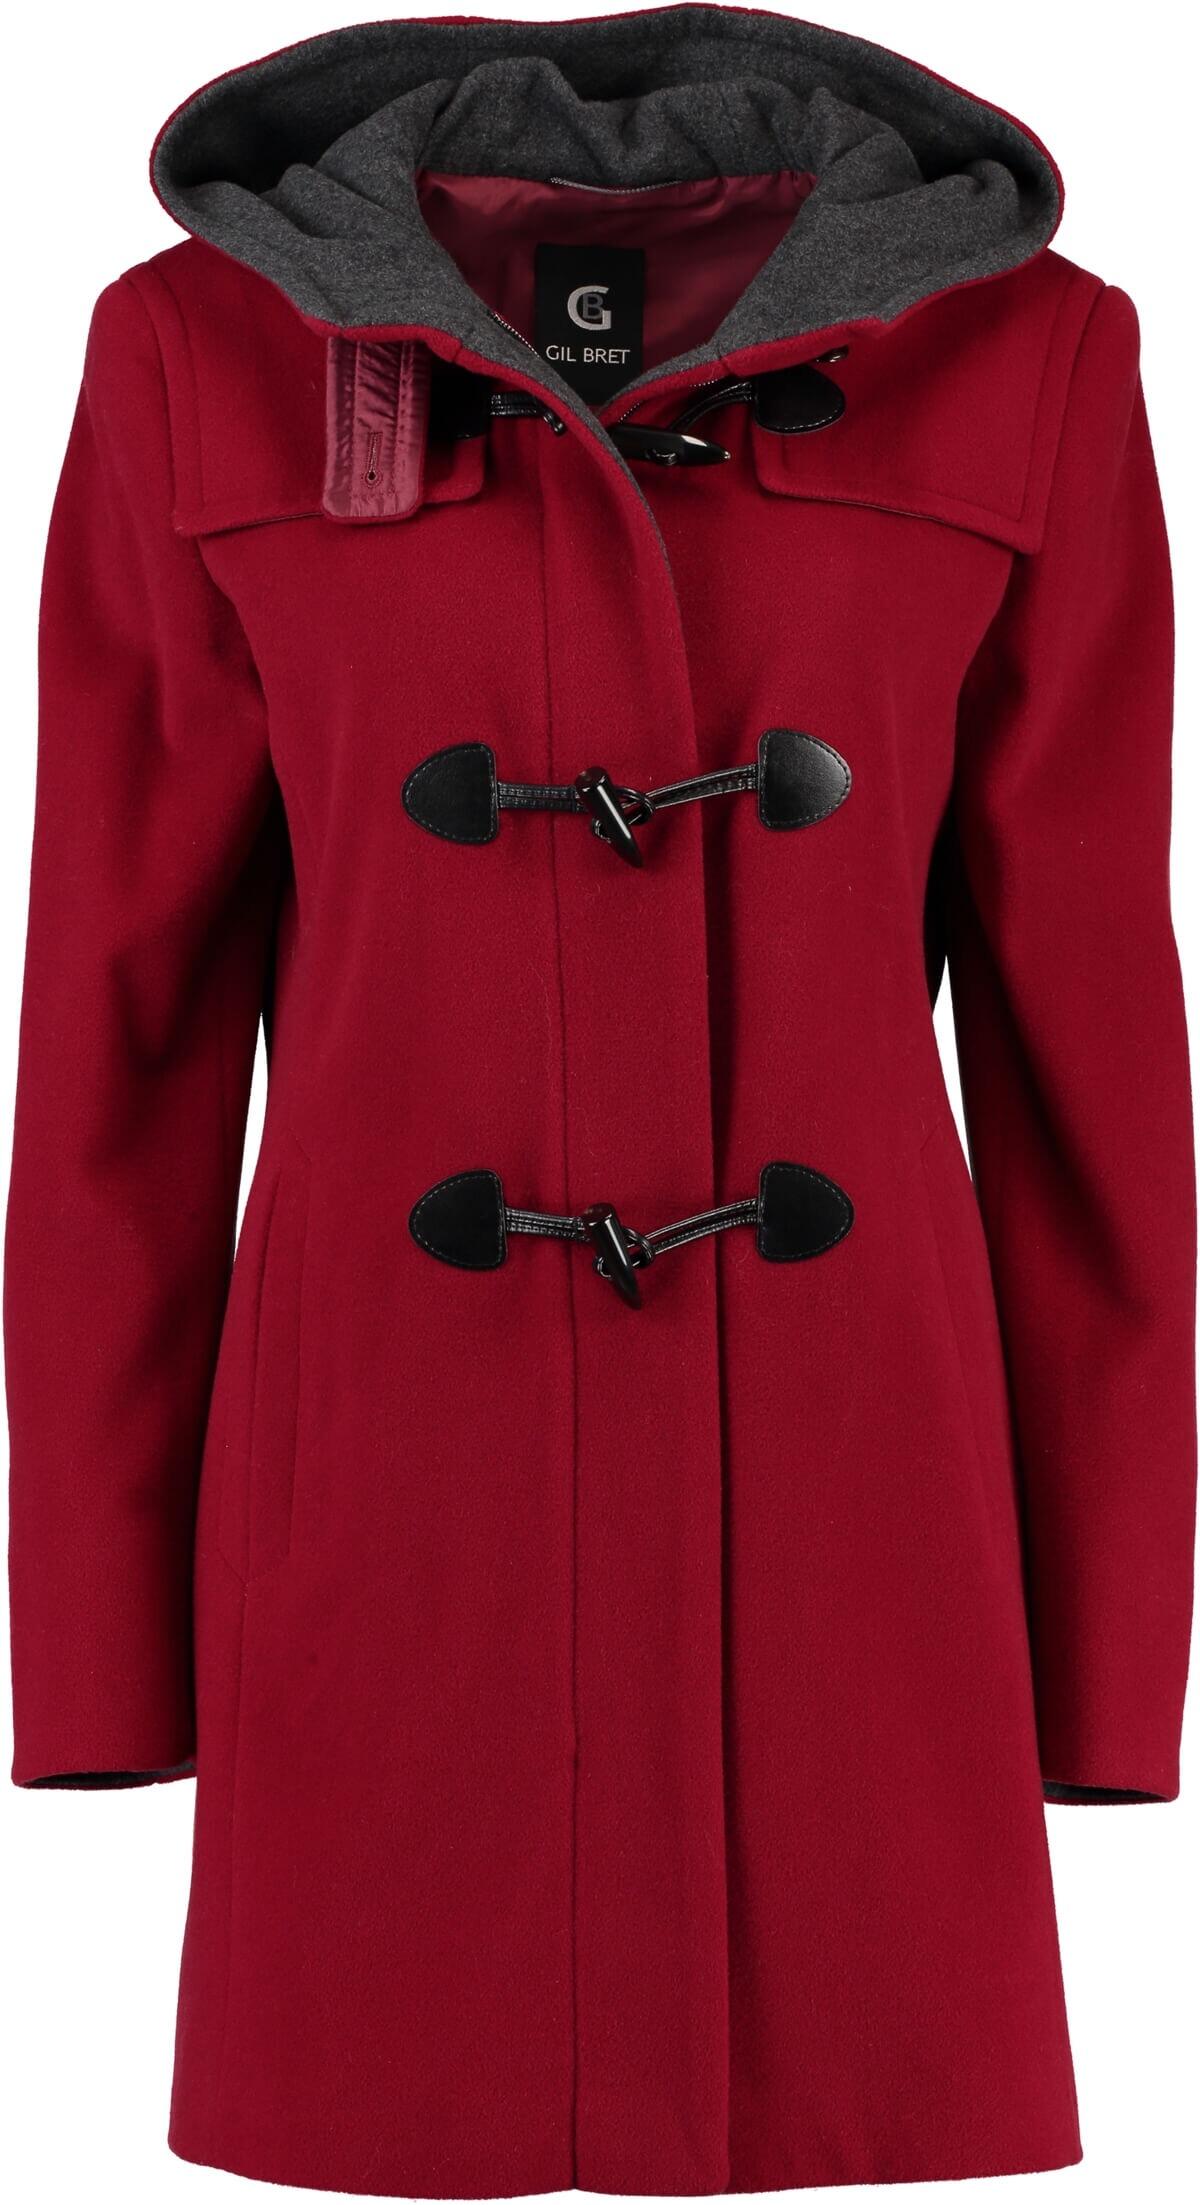 Top Design online zu verkaufen gut GIL BRET Dufflecoat rot